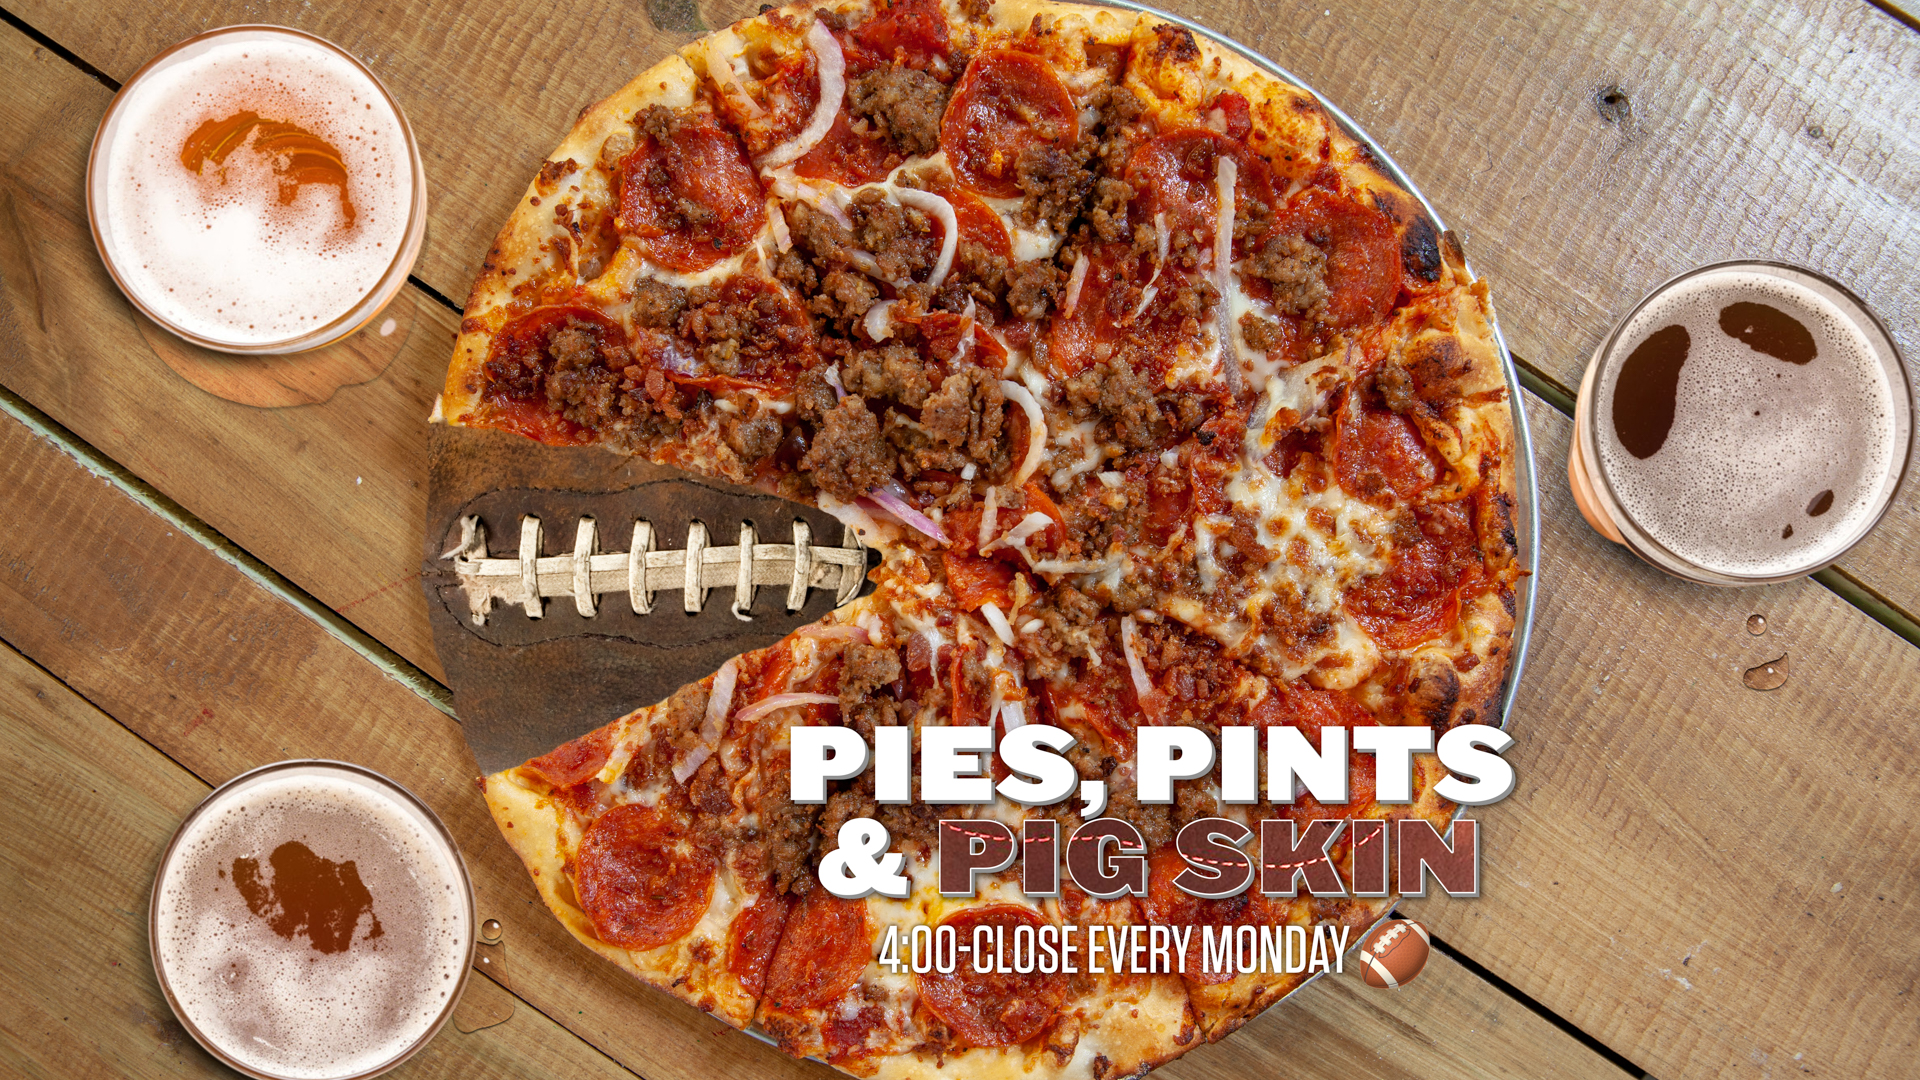 pies-pints-pigskin-header.jpg